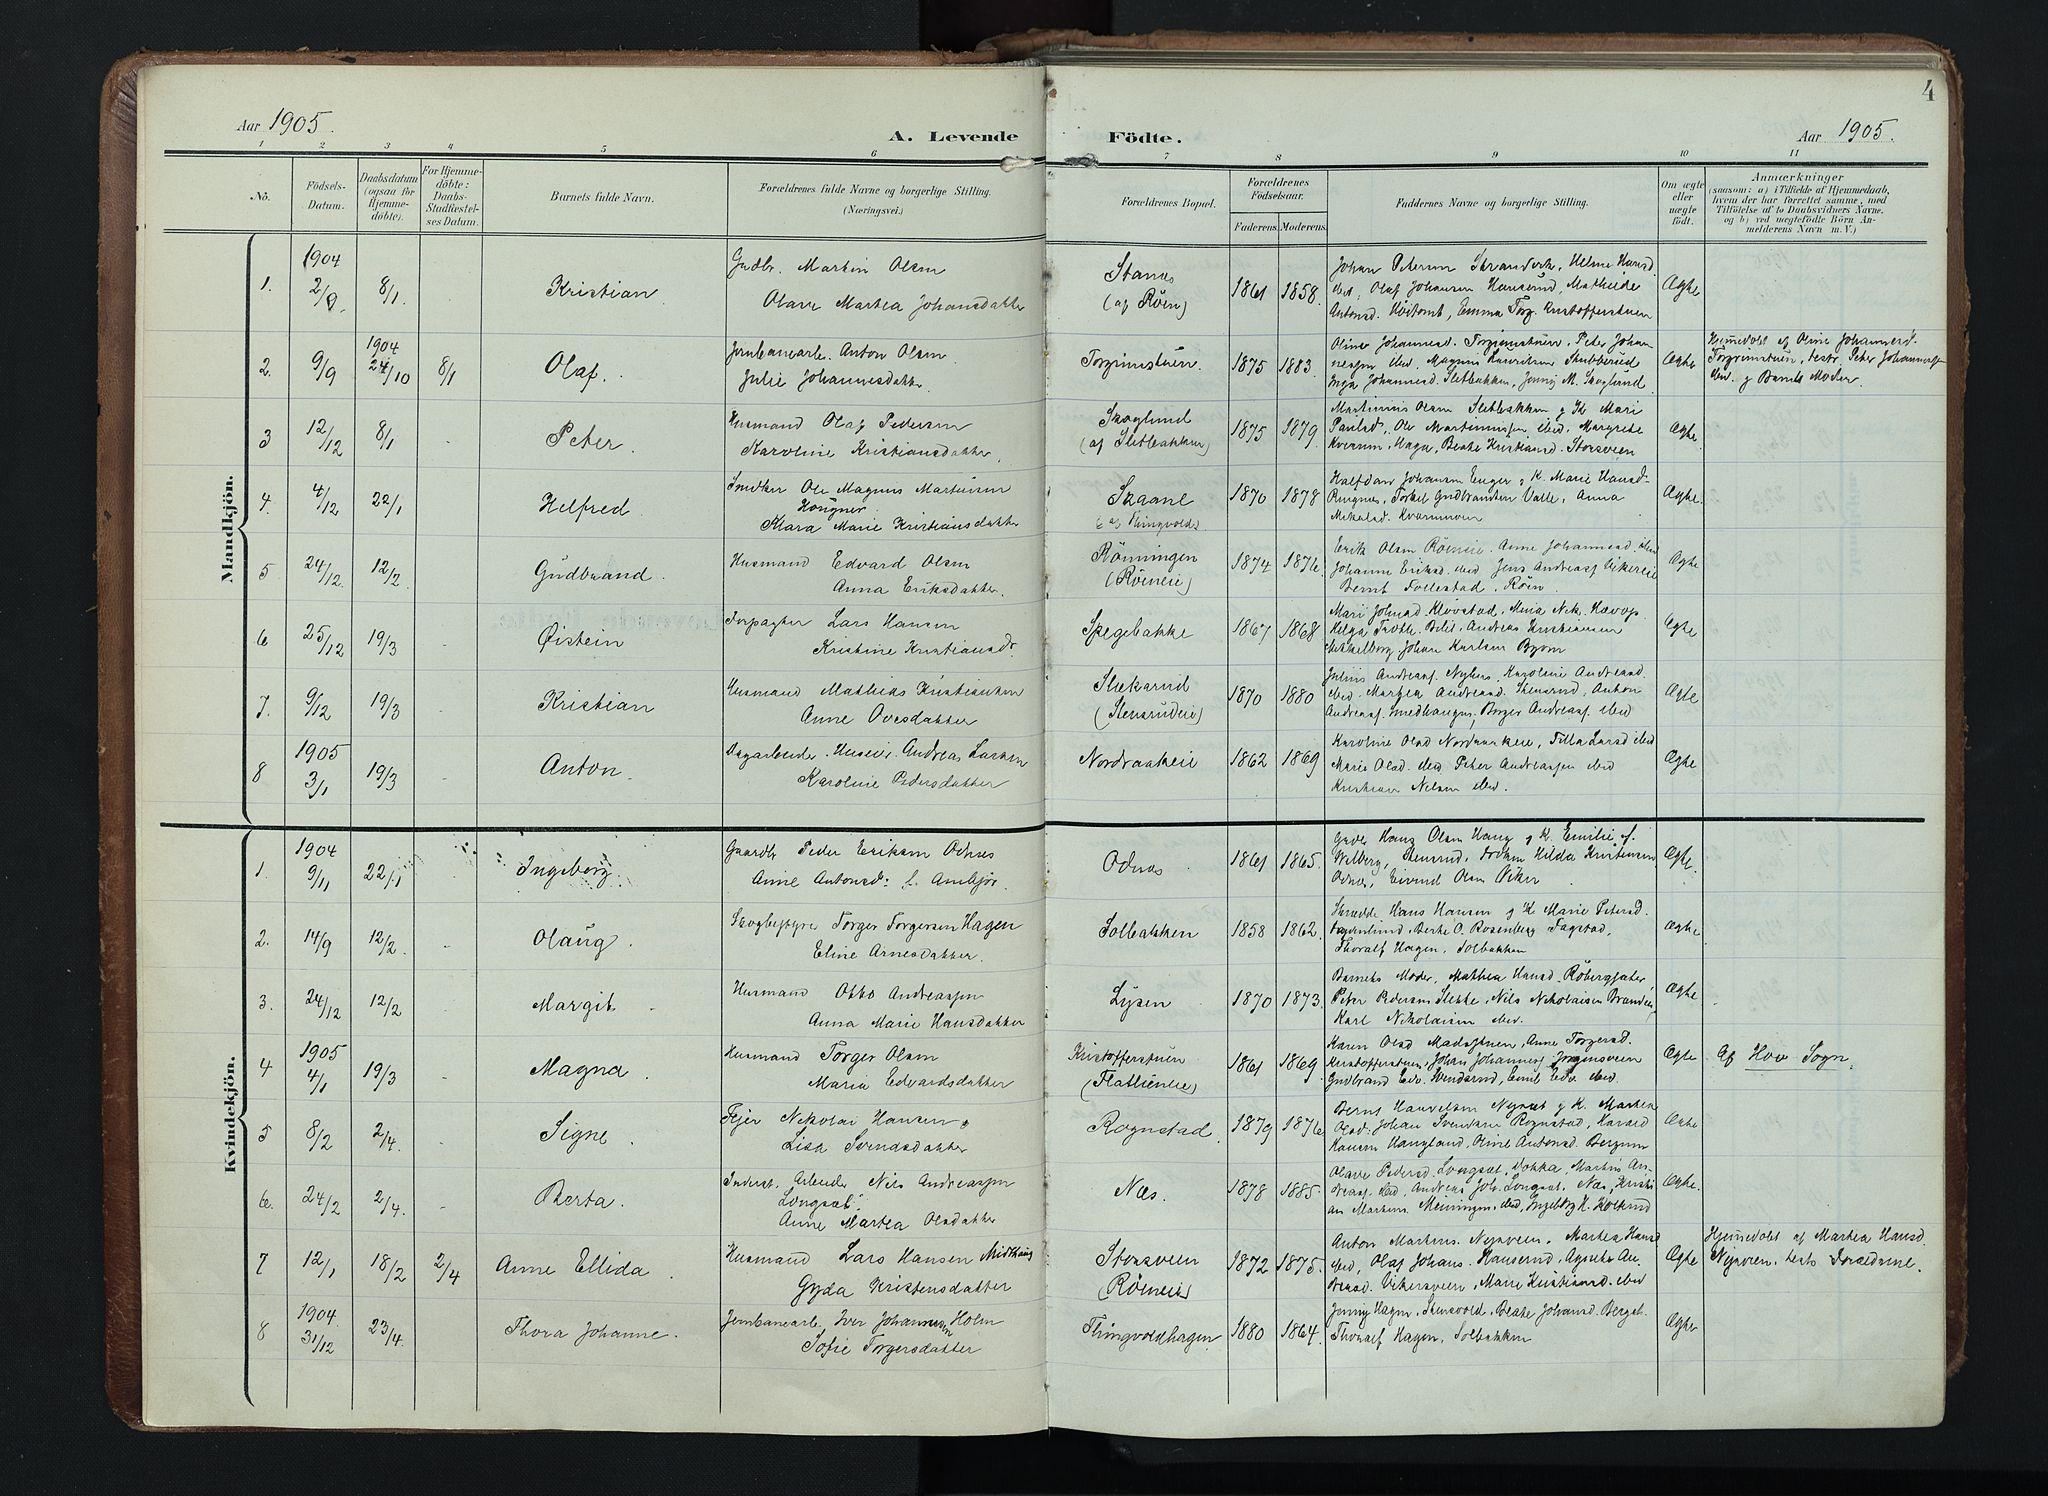 SAH, Søndre Land prestekontor, K/L0005: Ministerialbok nr. 5, 1905-1914, s. 4